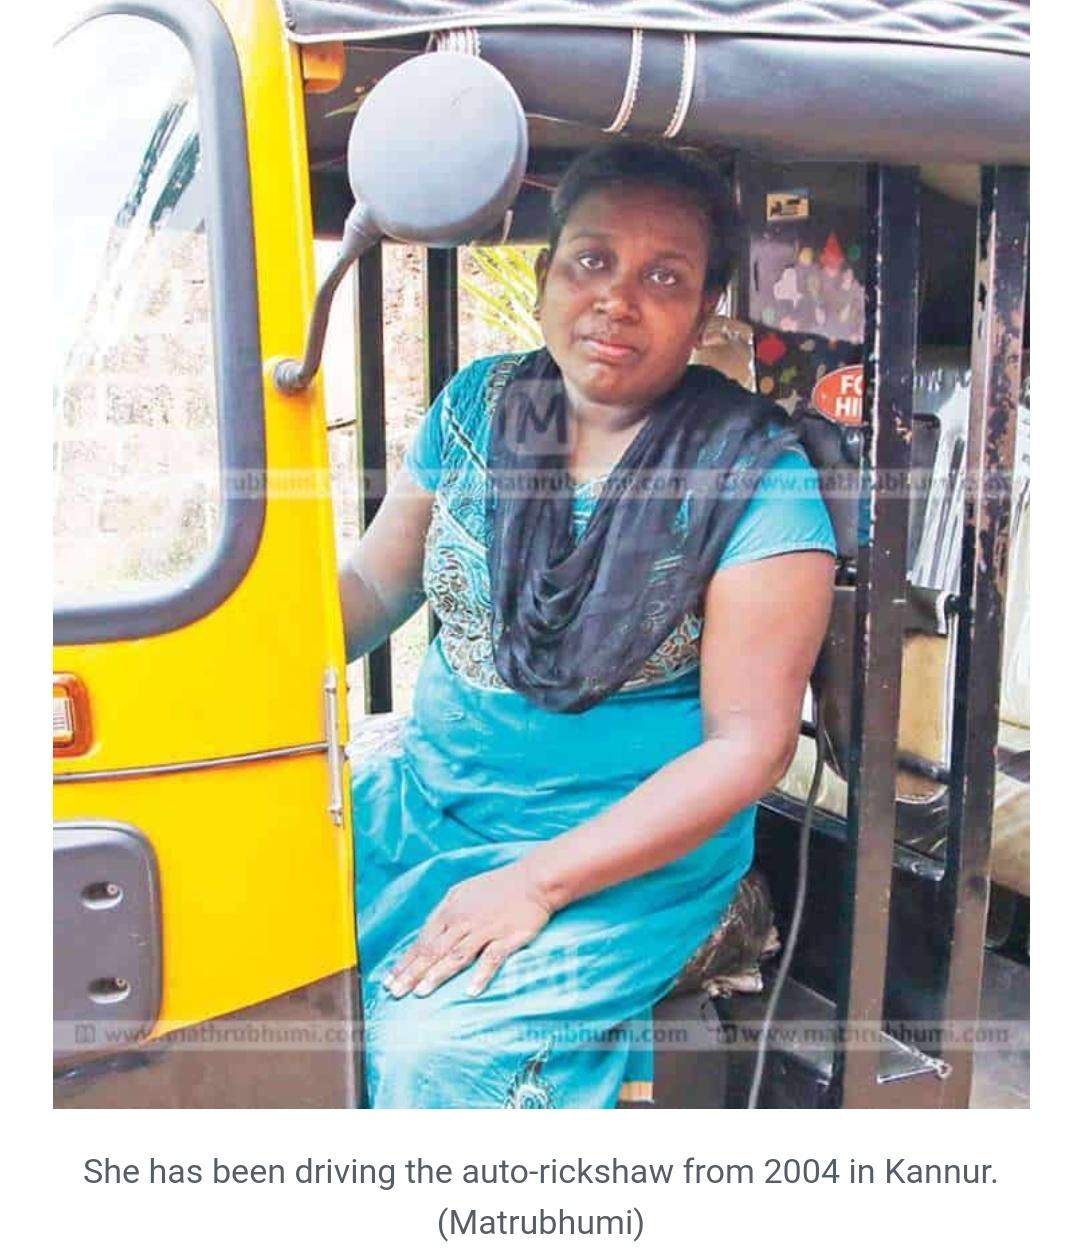 केरल: 'जातिवादी' सीपीएम से बचने के लिए, दलित ऑटोरिक्शा चालक ने इस्लाम धर्म अपनाया! 1